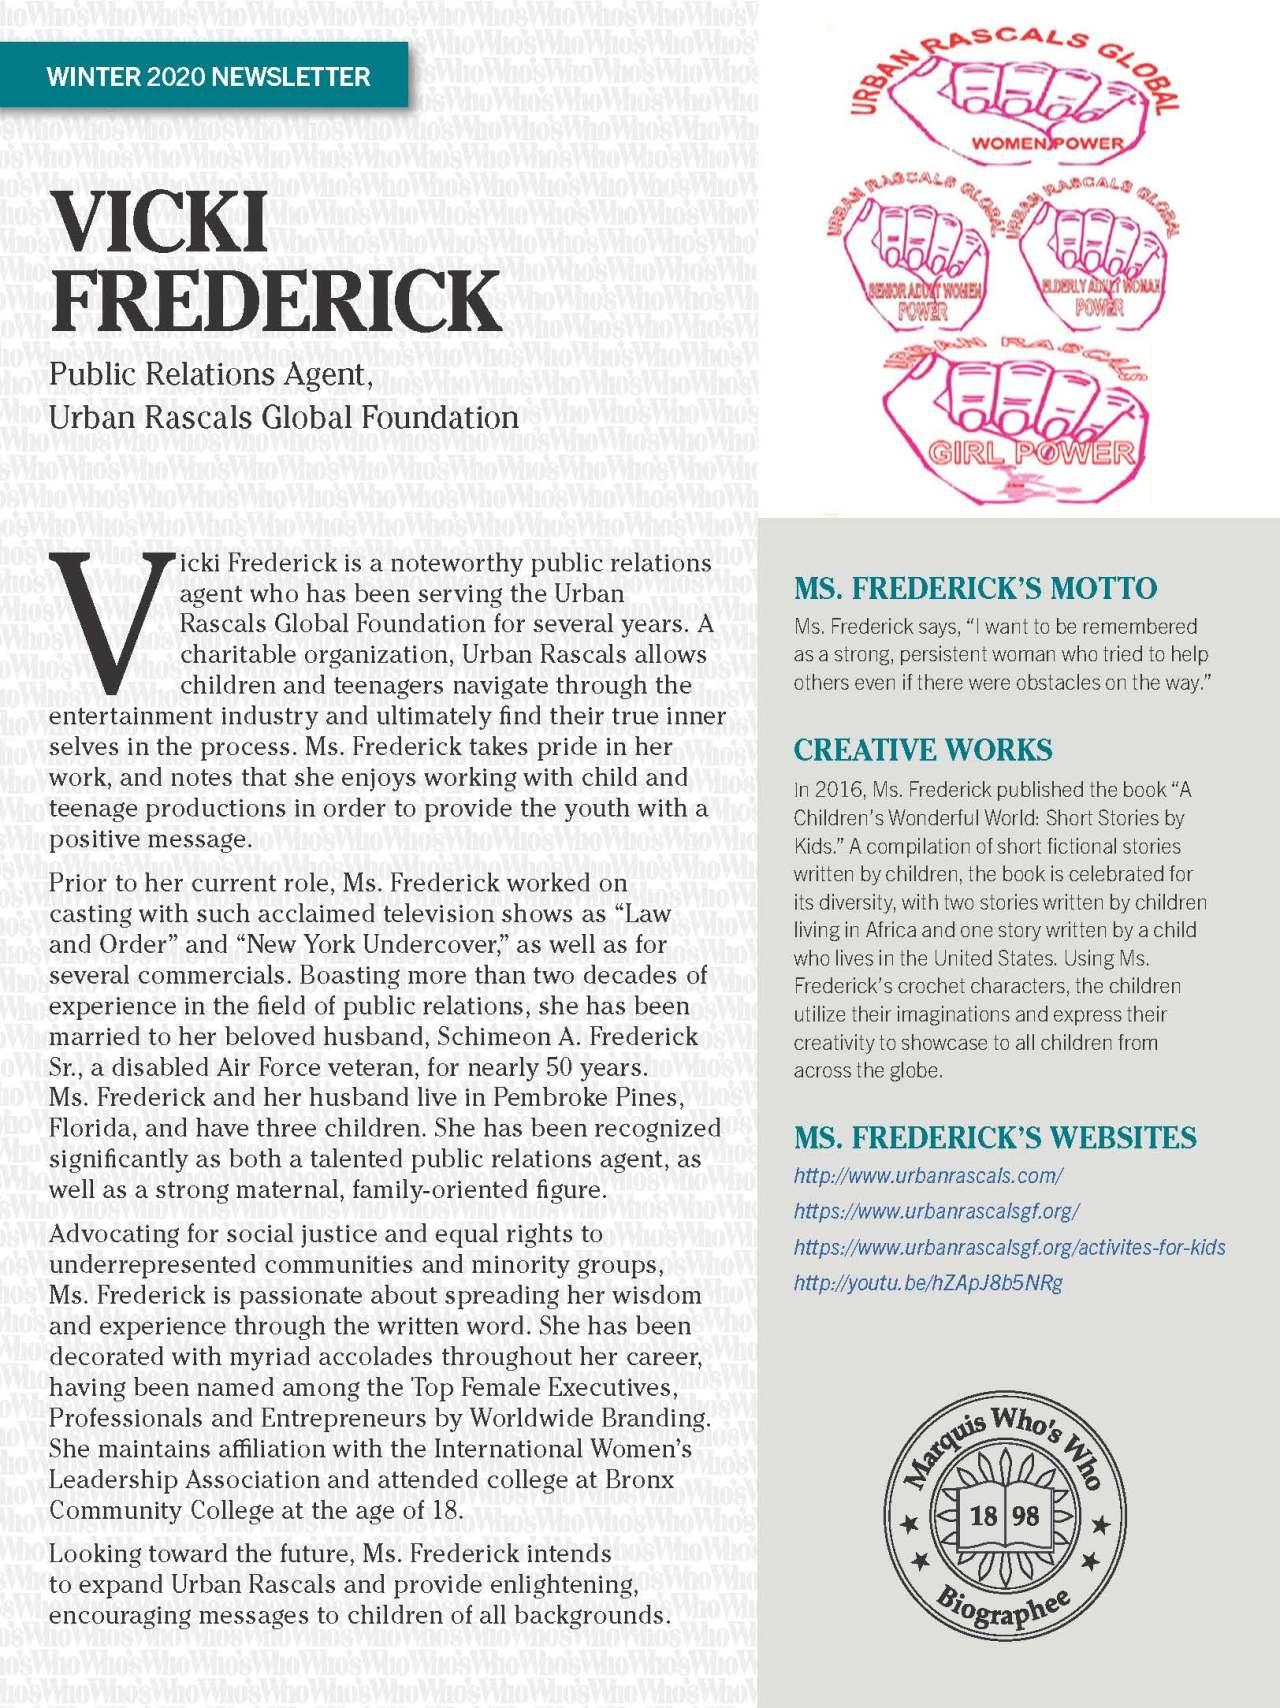 Frederick, Vicki 1986489_4001986489 Newsletter REVISED